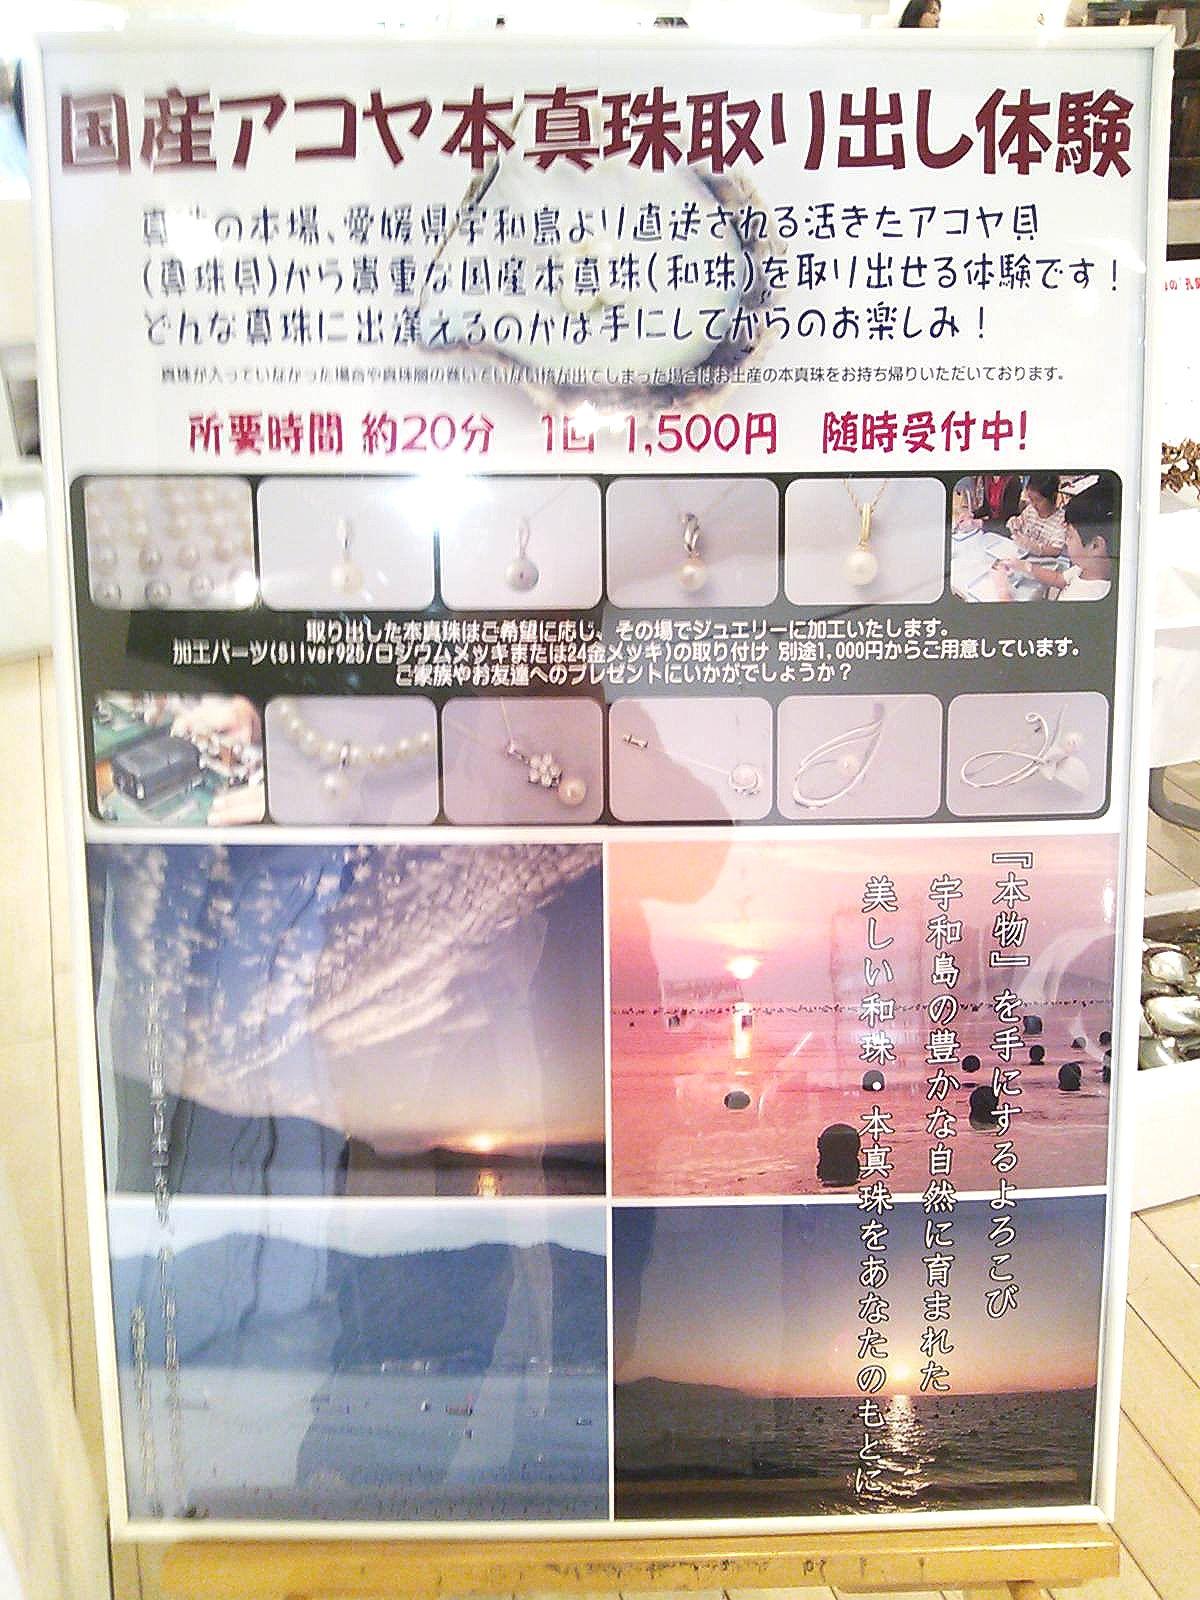 Irukaisi_0418_04.jpg